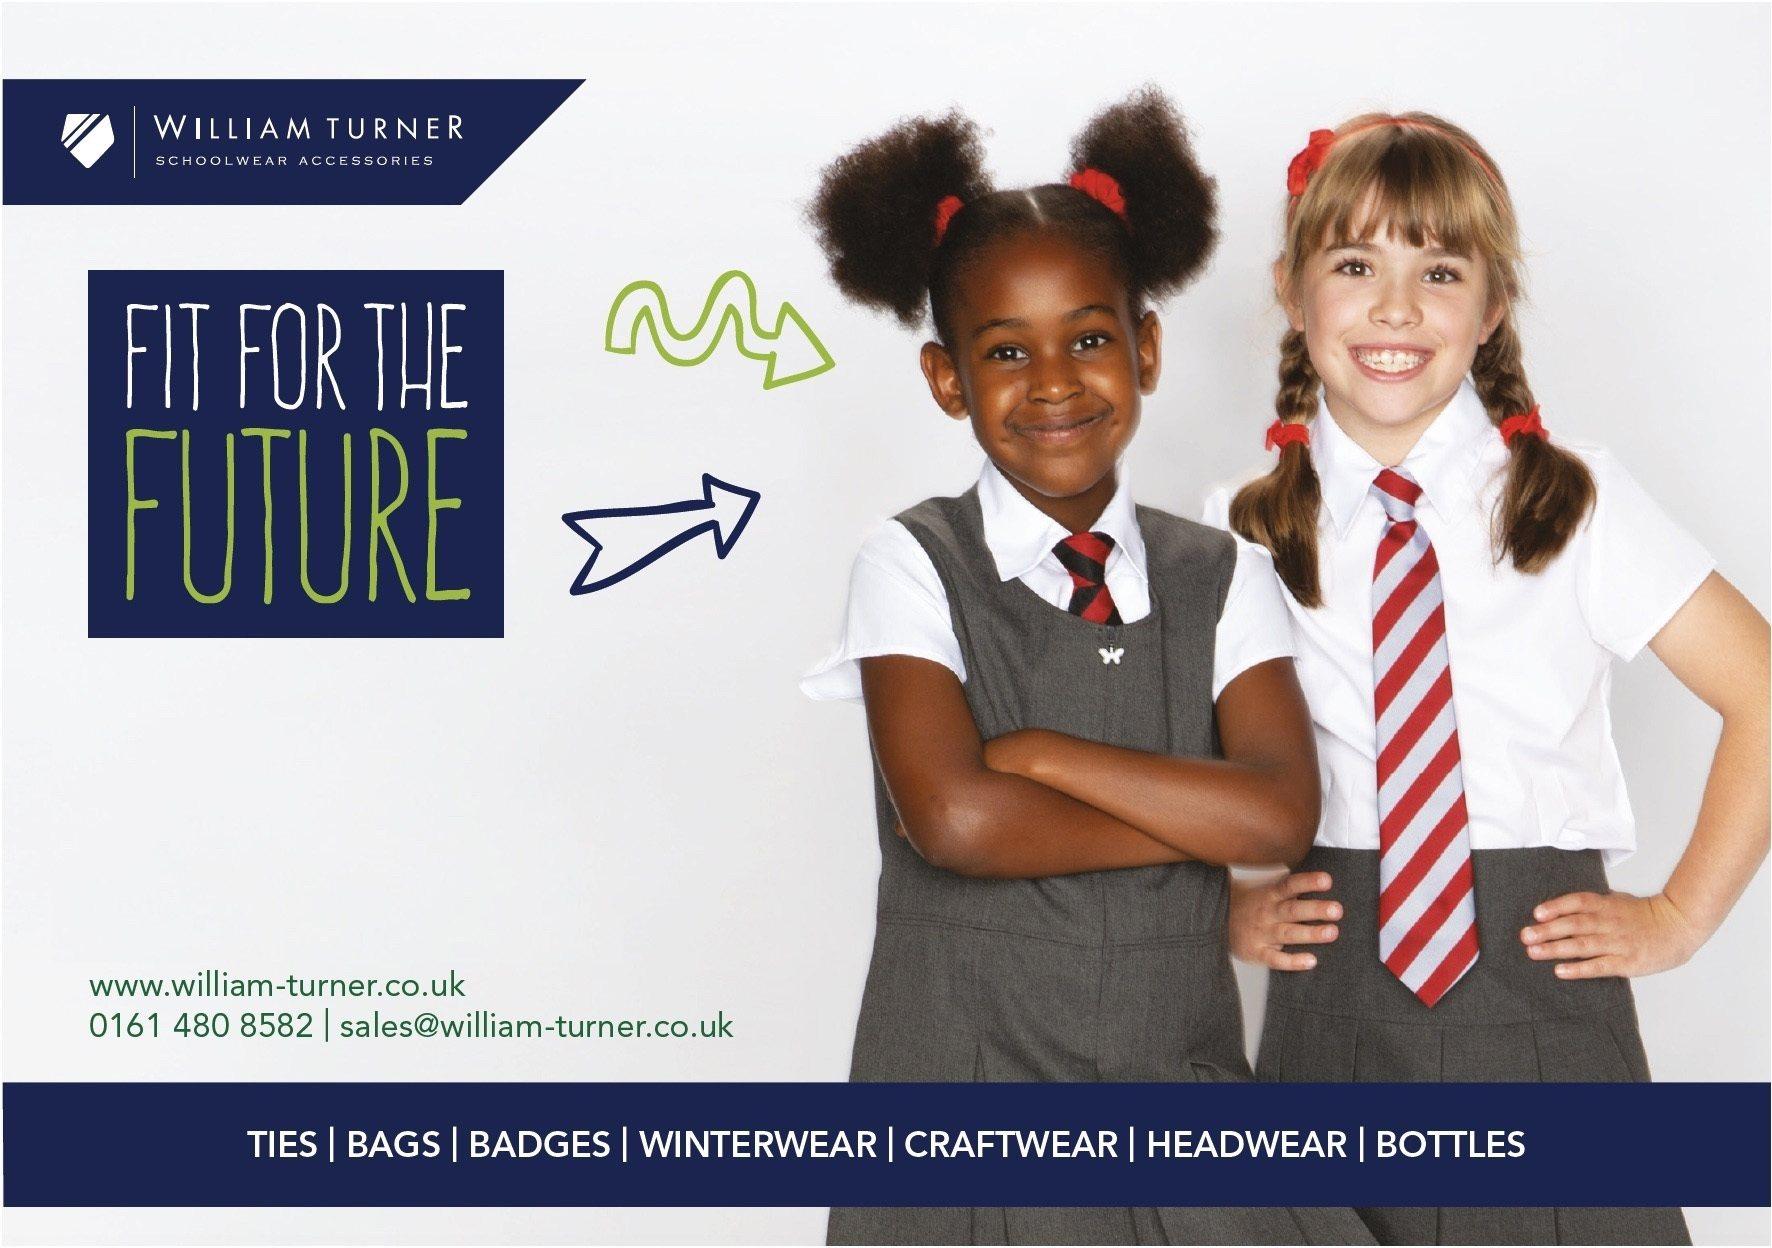 William Turner Advertising Campaign